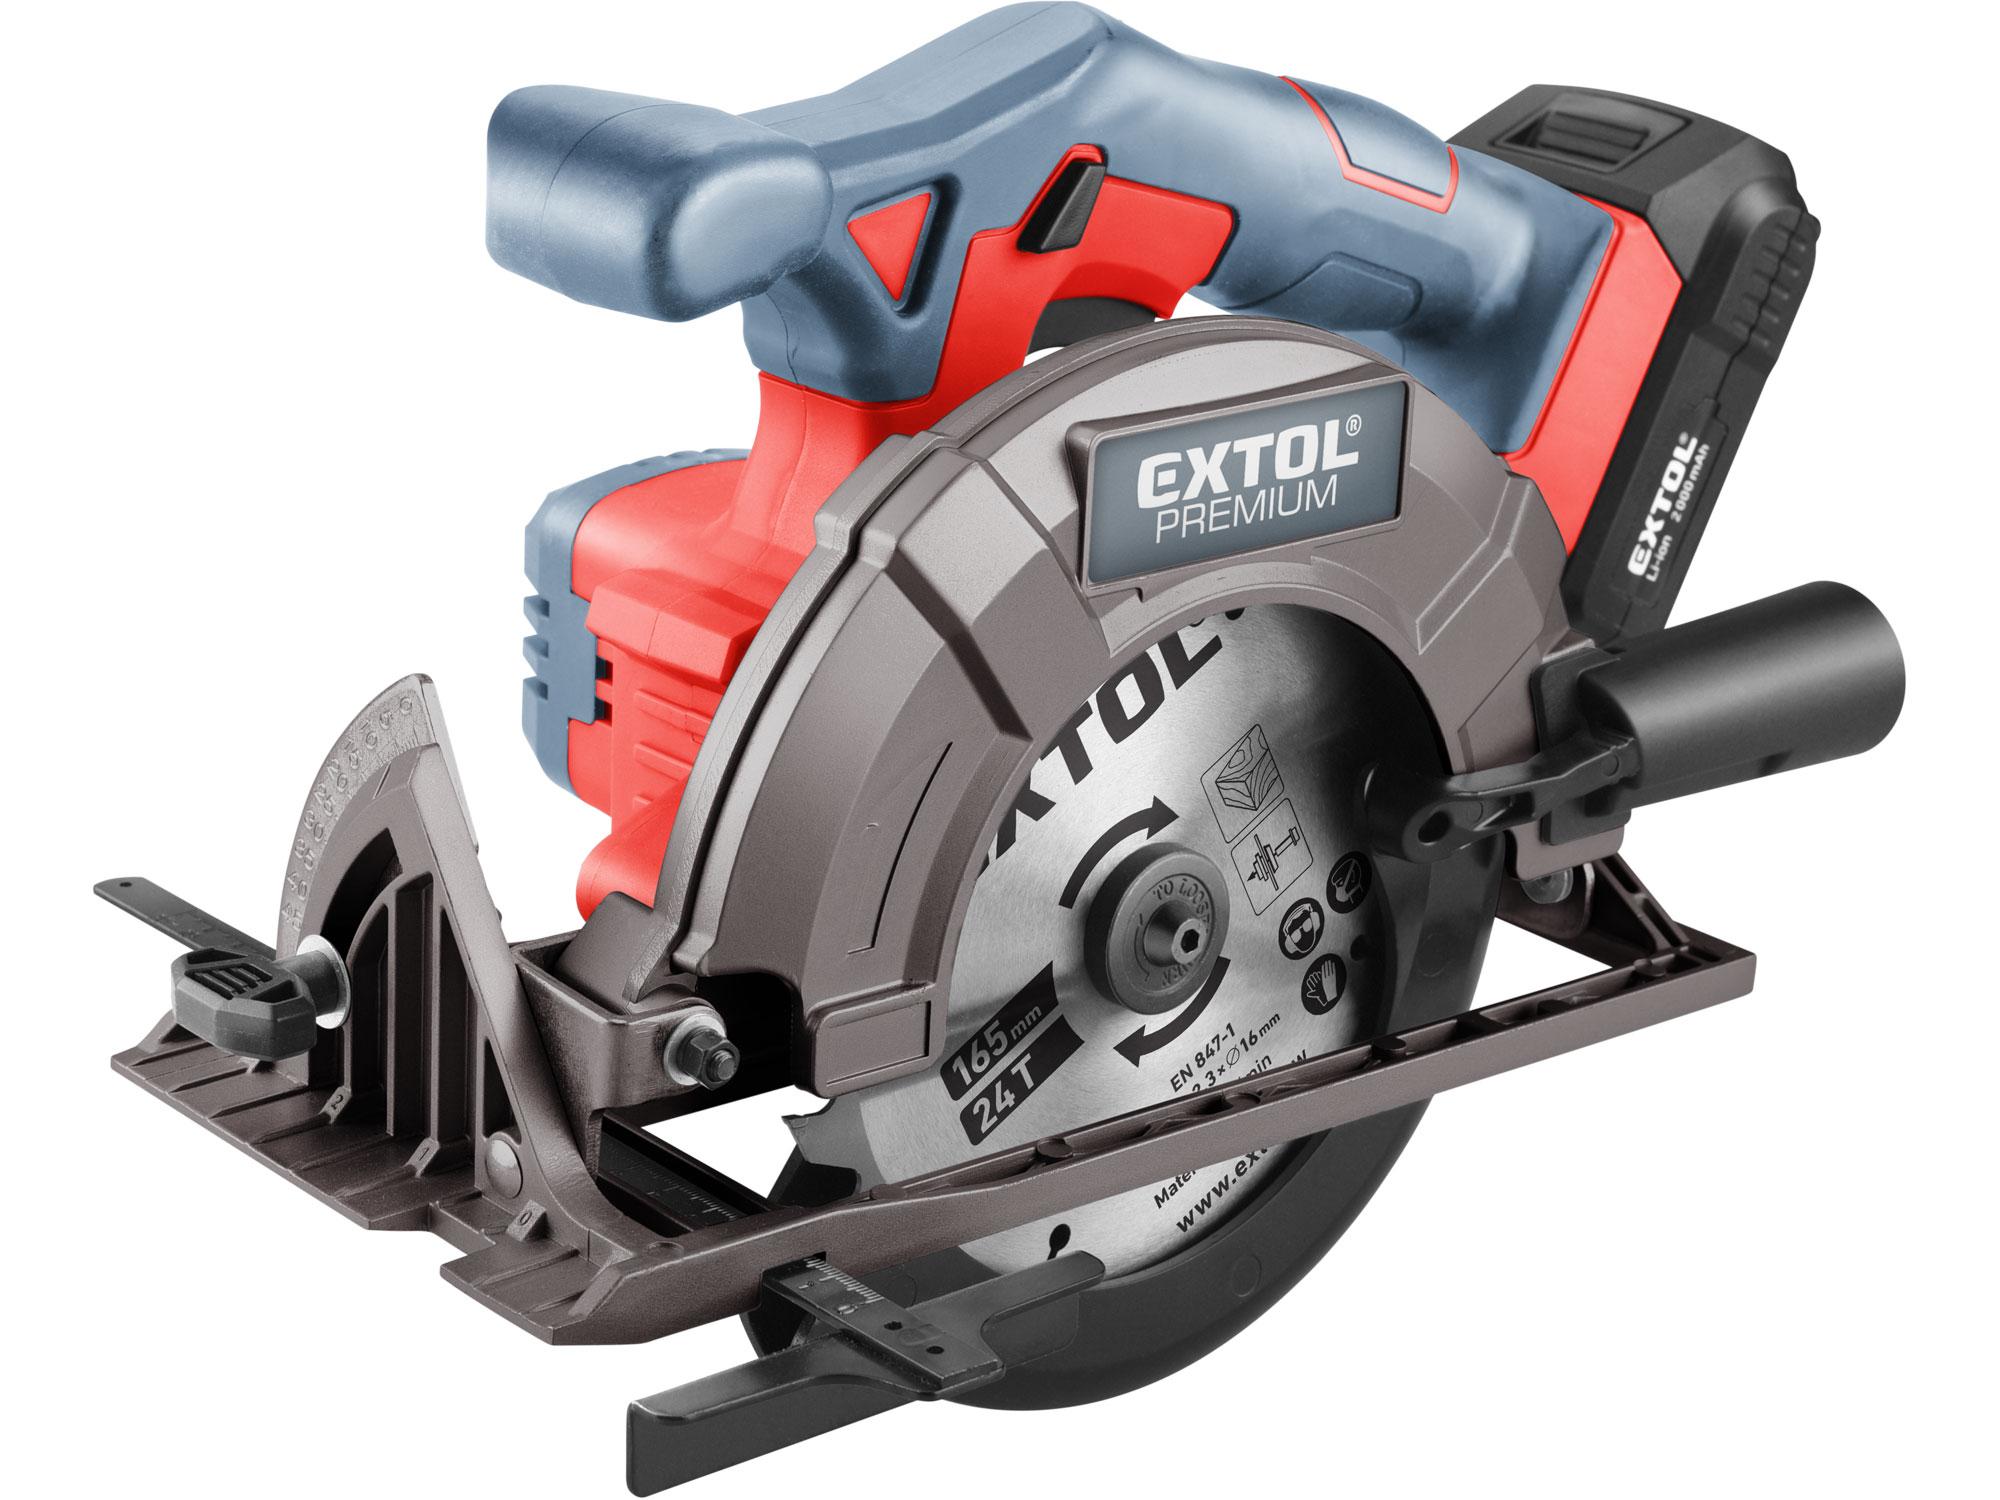 Cordless Circular Saw, SHARE20V, 165mm, 1X 2000mAh Battery